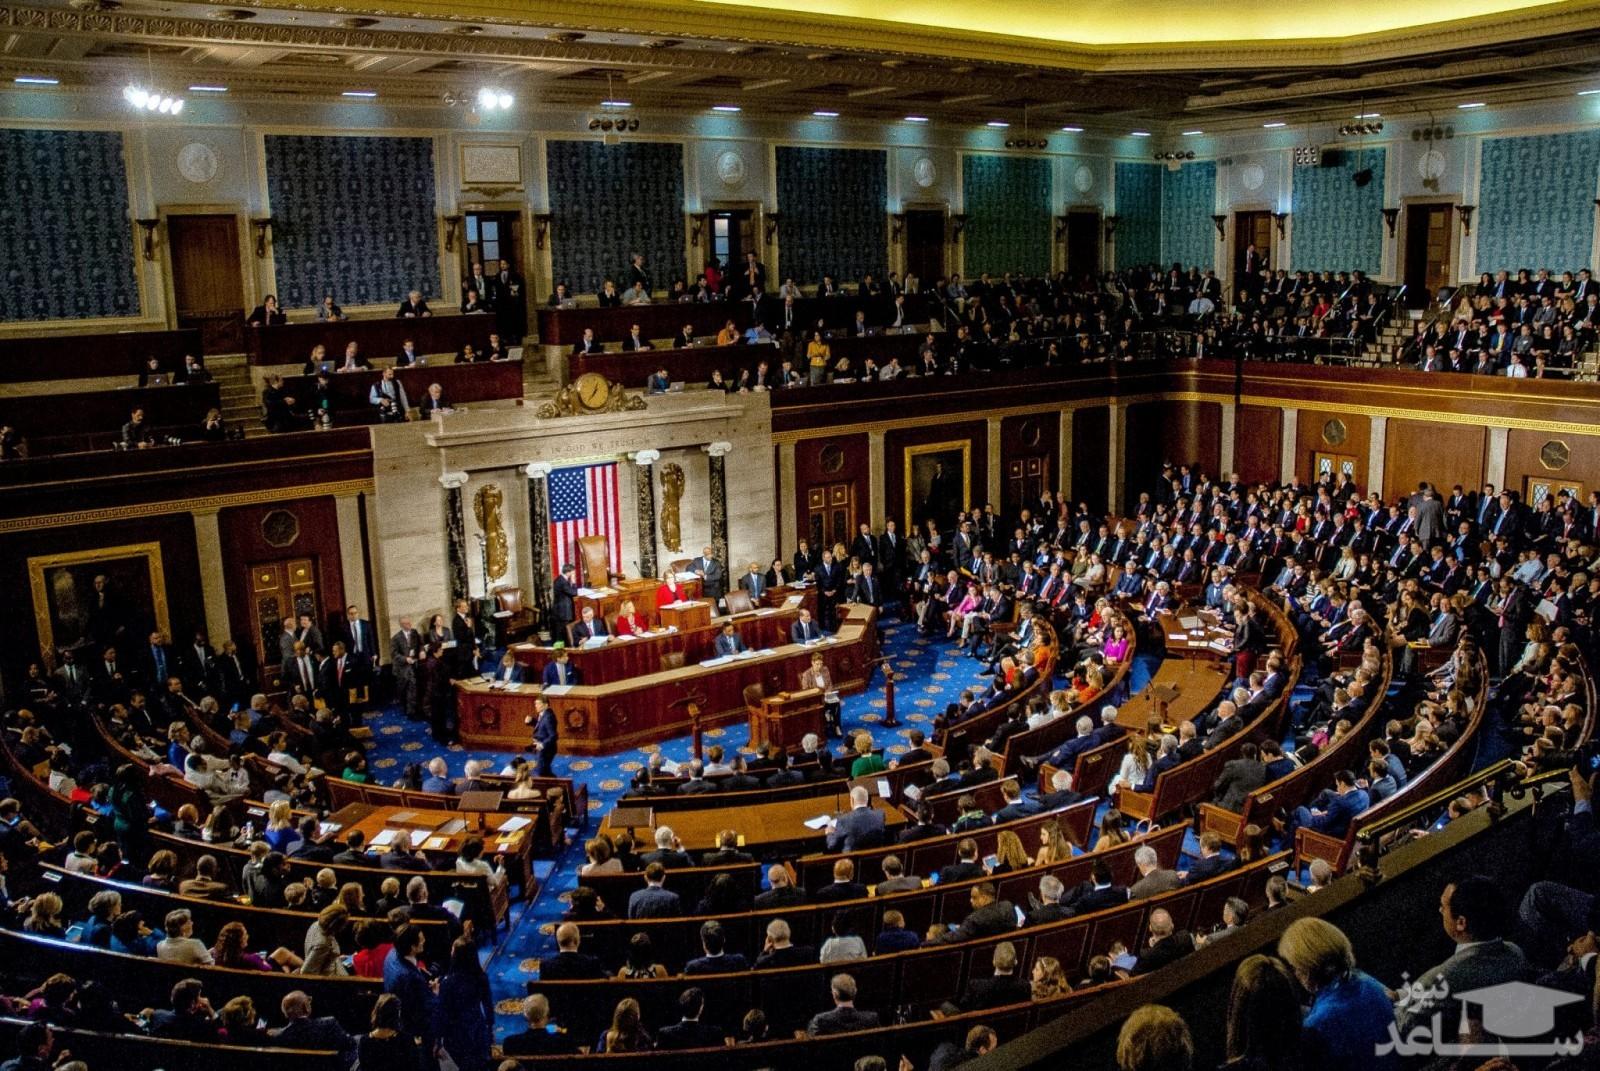 ۴۳ سناتور آمریکایی خطاب به بایدن: مذاکرات وین را متوقف کن